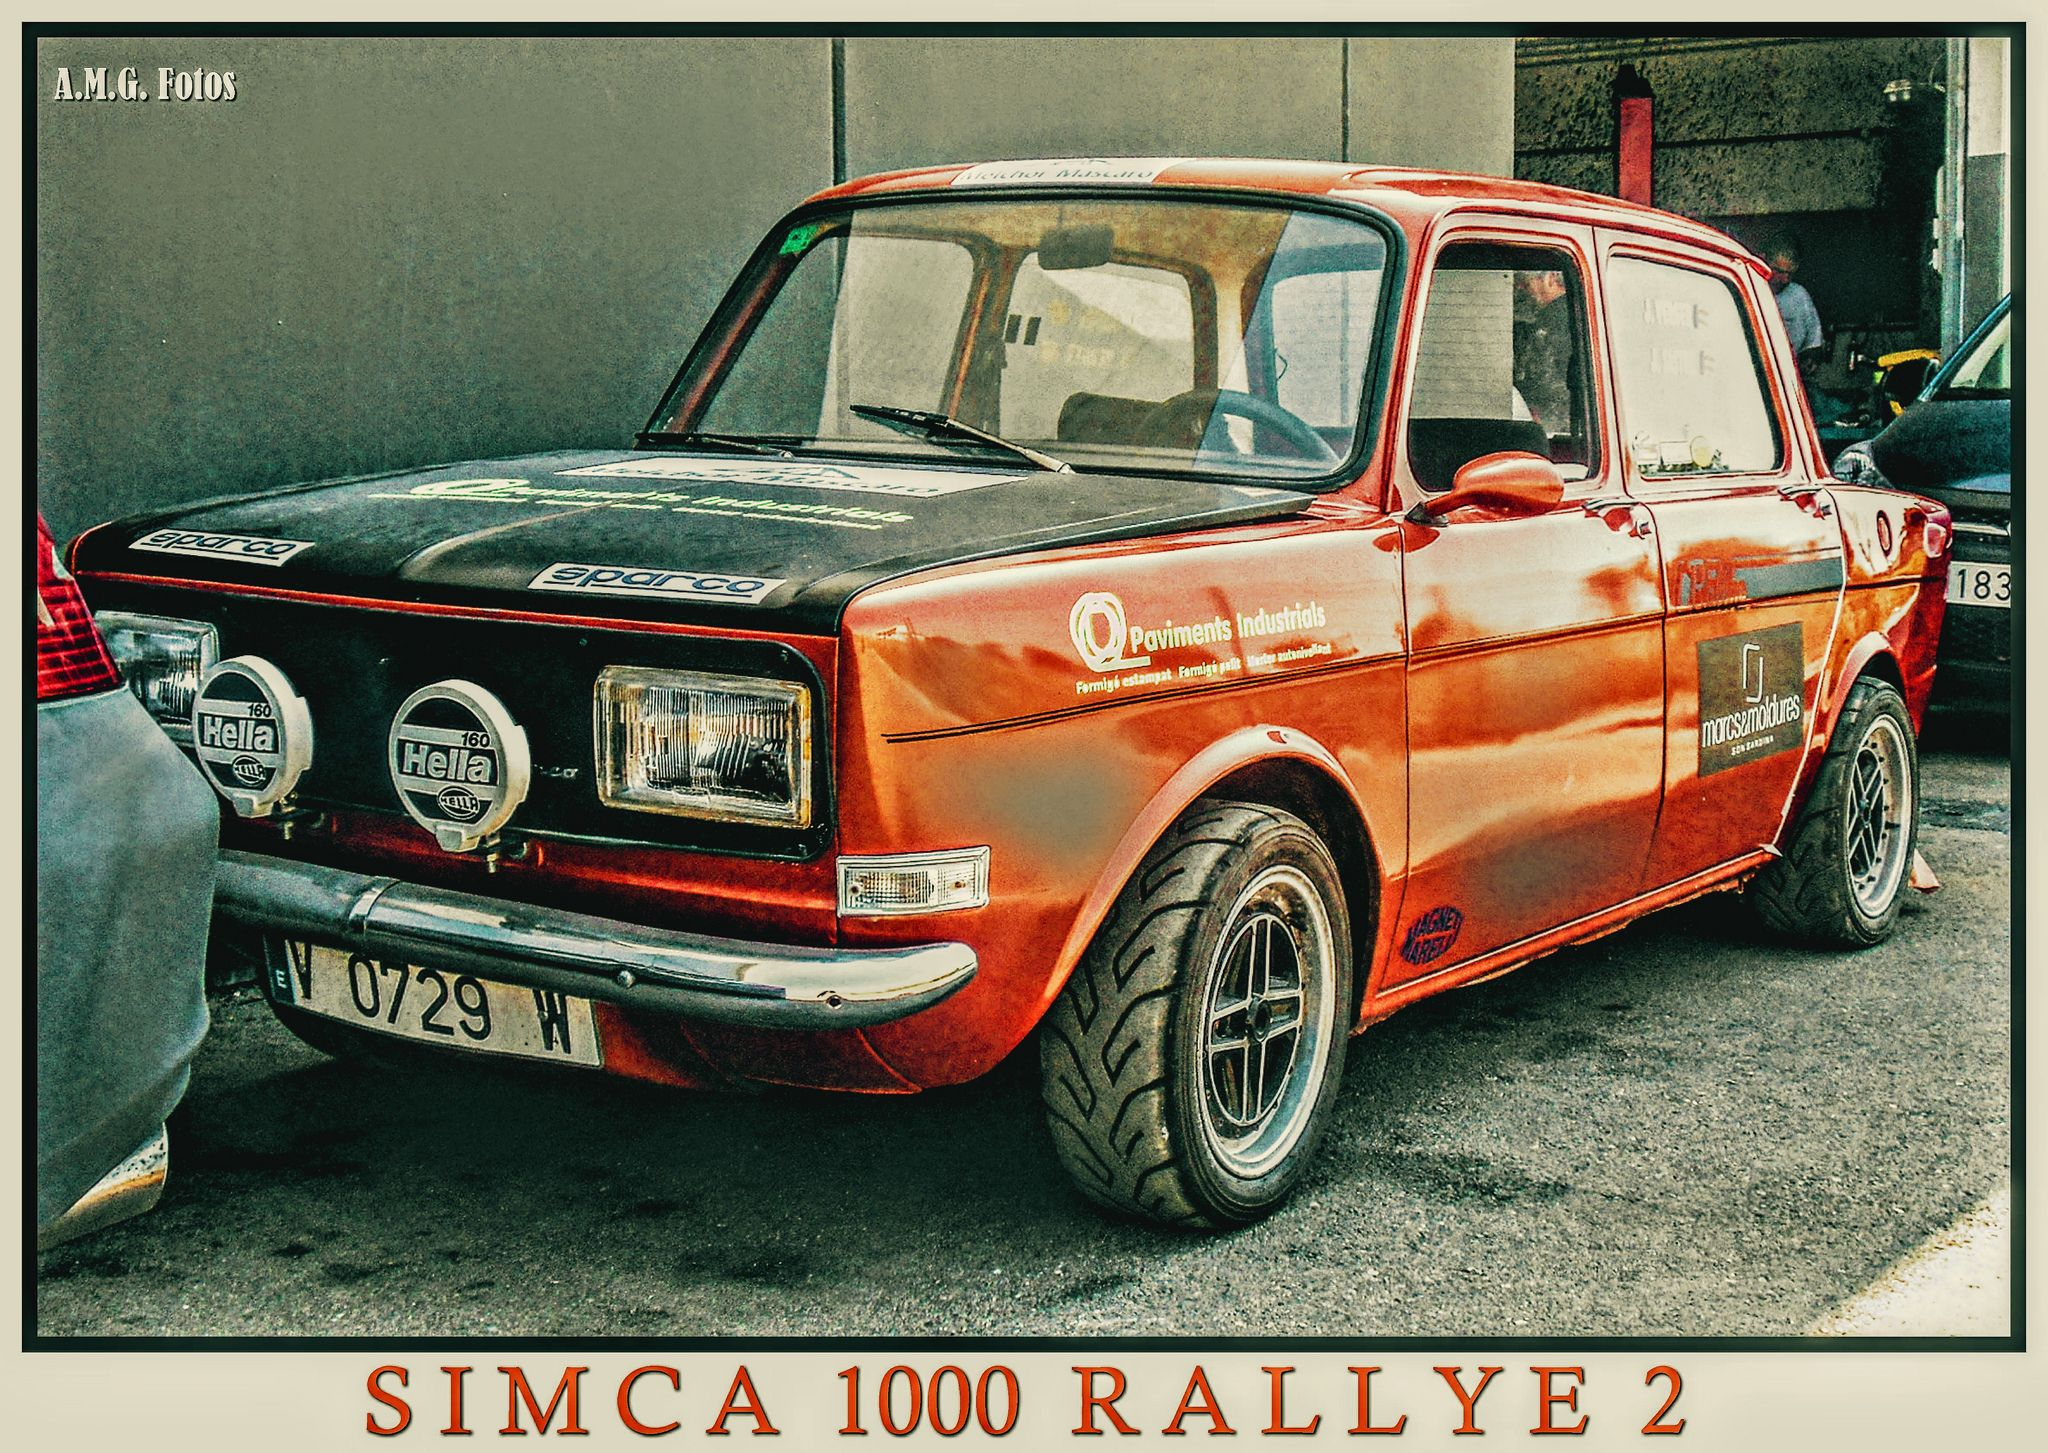 Simca 1000 Rallye 2 1978 Karting Suv Car Amg